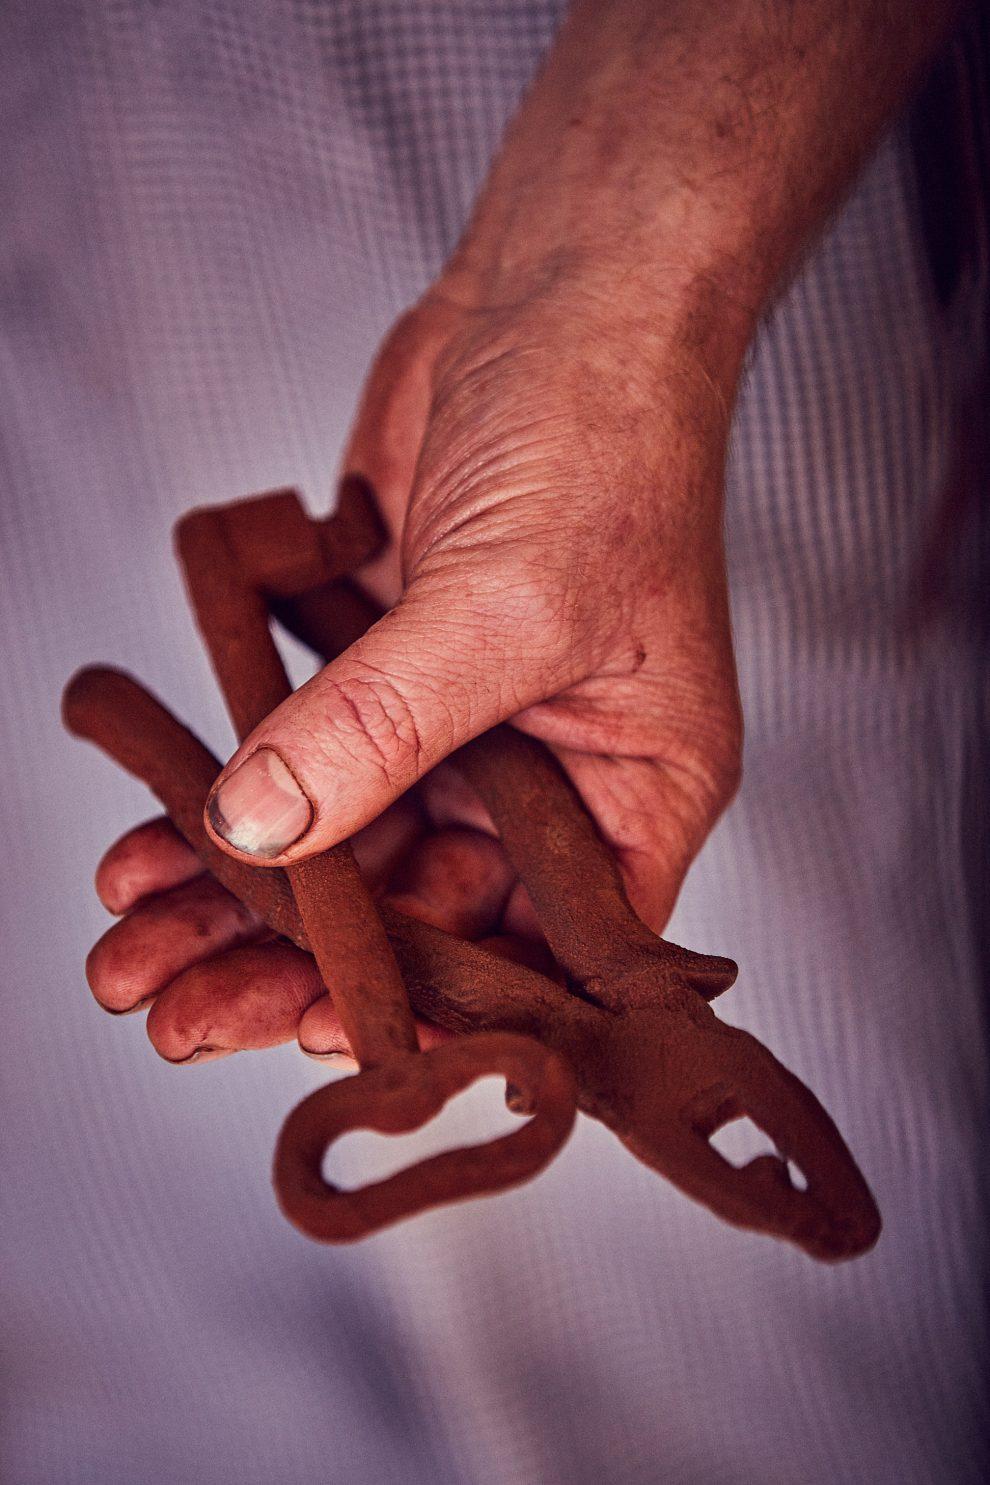 Un altro piccolo segreto del nostro successo? L'inventiva. Per esempio gli utensili per un cioccolatiere sono importantissimi e lo capii guardando un film con mia nonna. Qui il protagonista della storia realizzava stampi con la sabbia in argento e oro. Ho rivisitato l'idea per creare le mie forme e dargli vita col cioccolato.